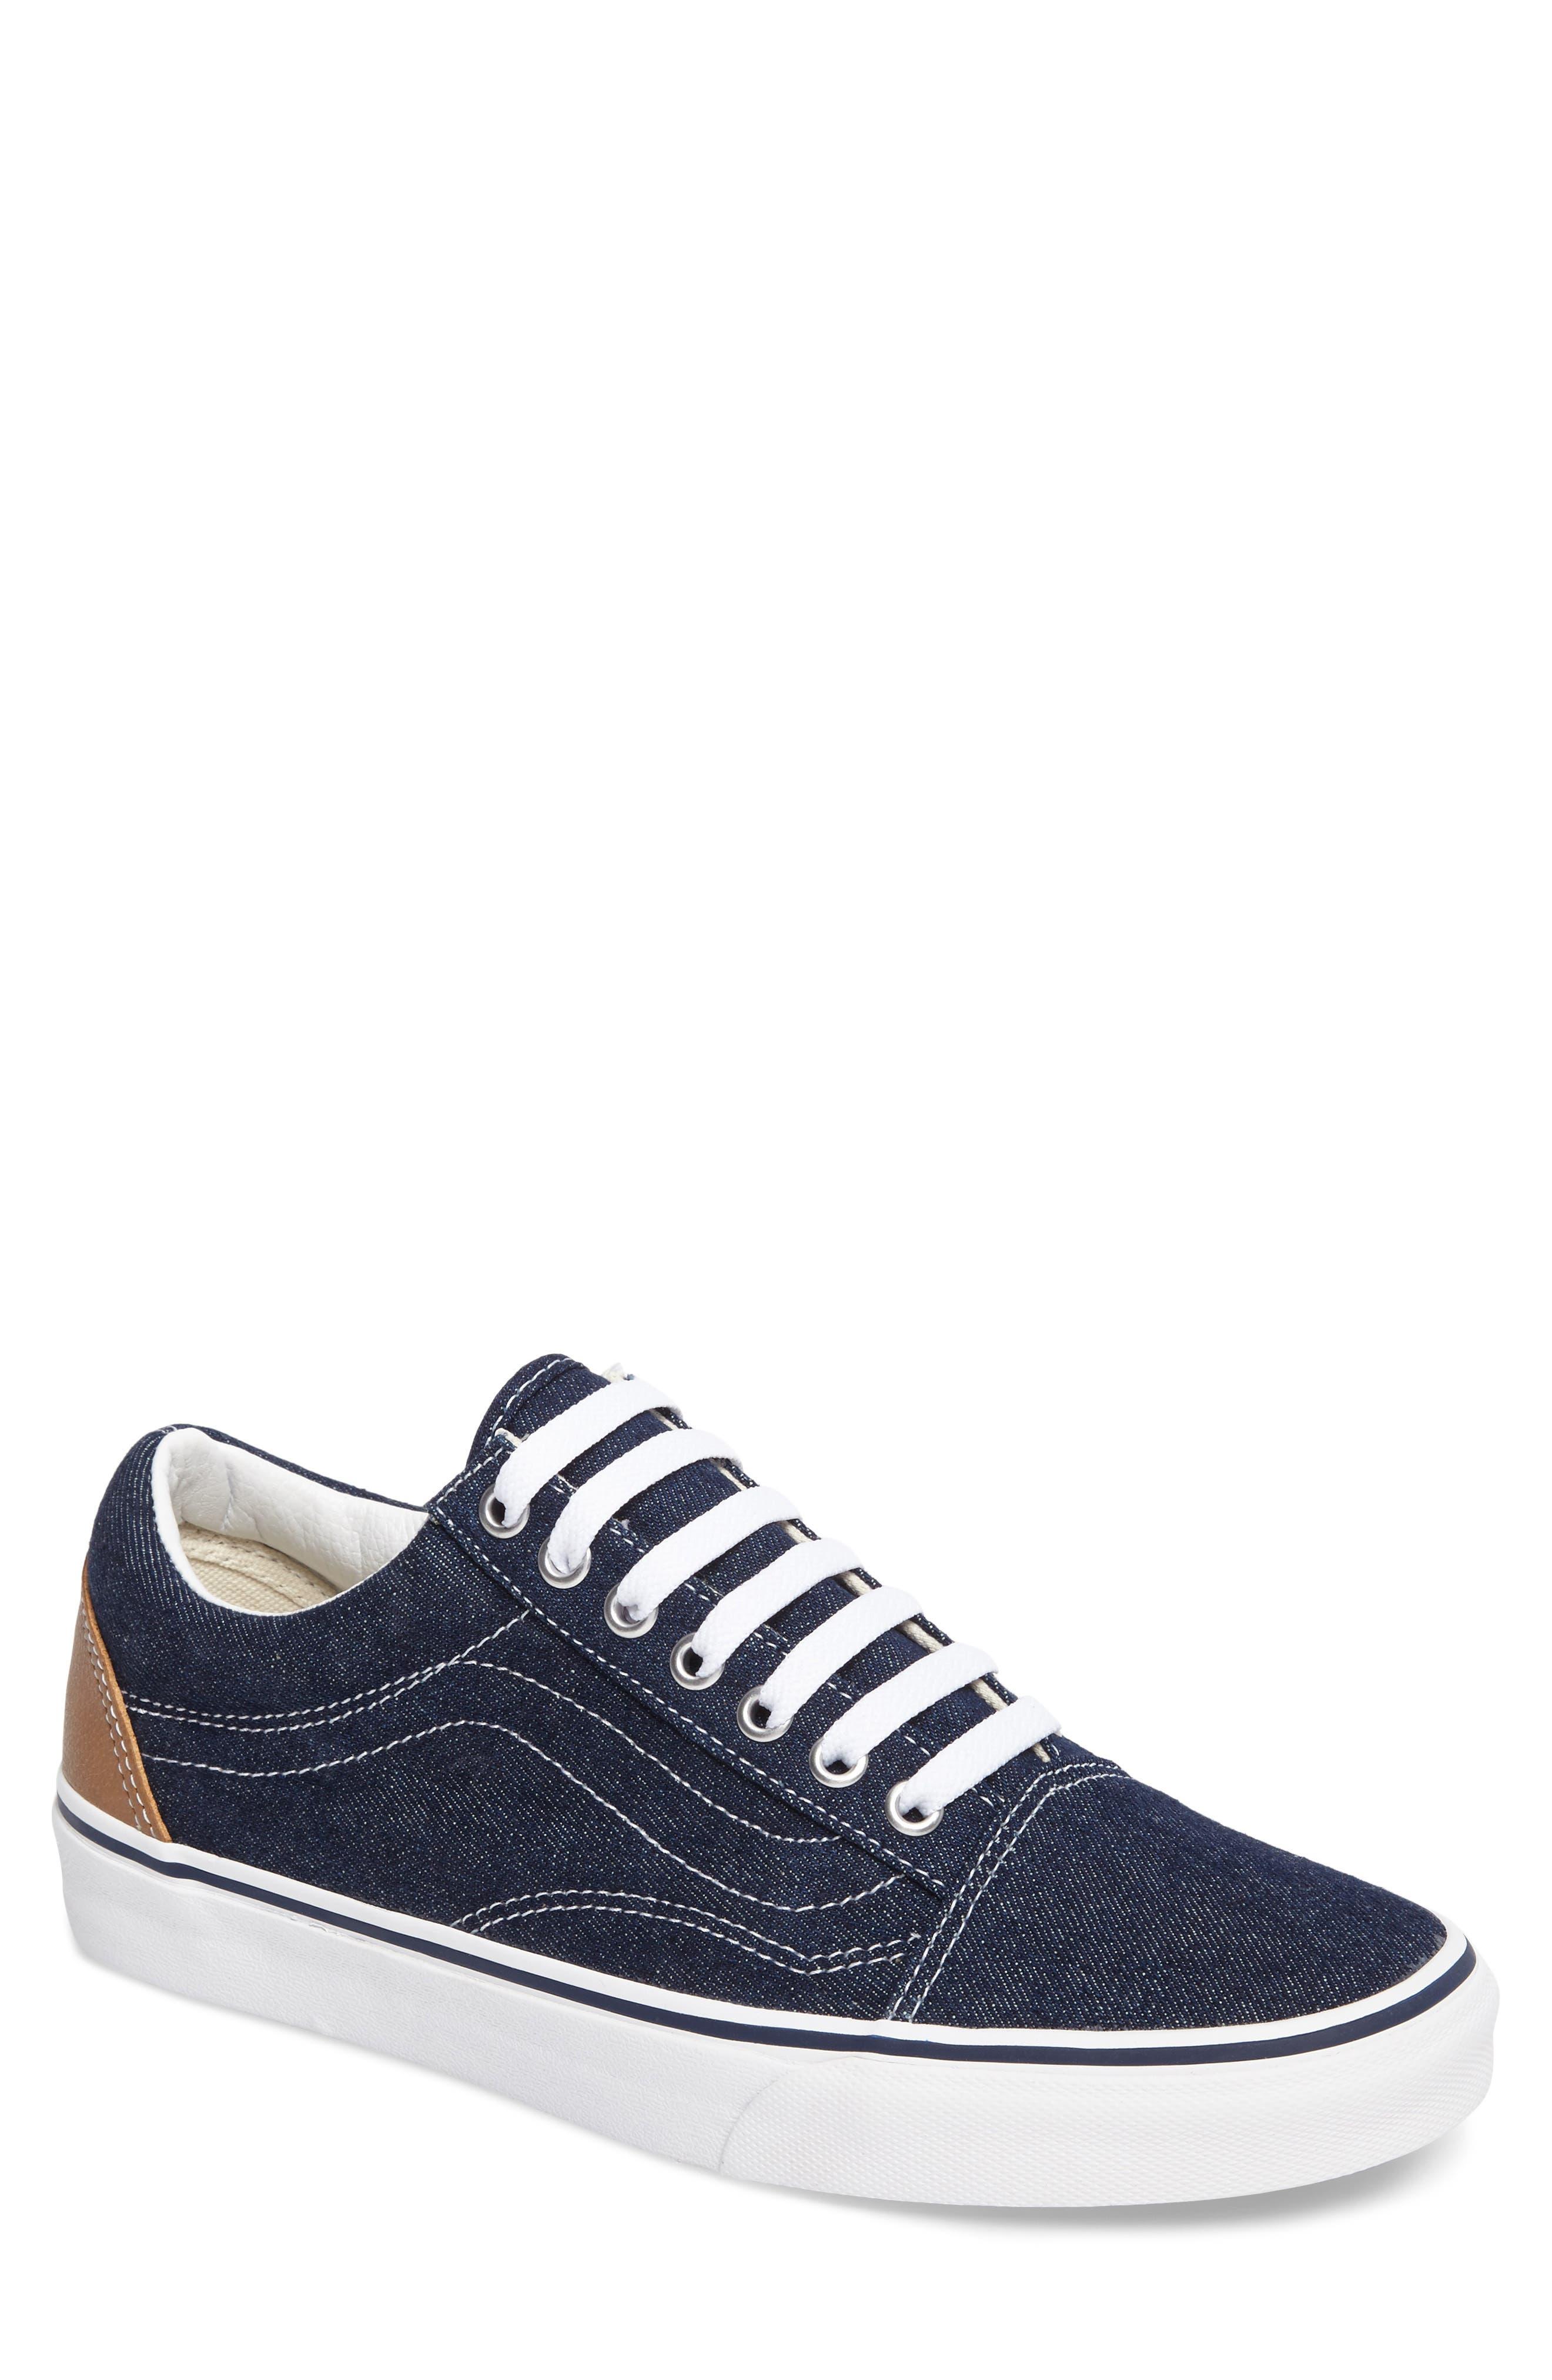 Main Image - Vans Old Skool Sneaker (Men)